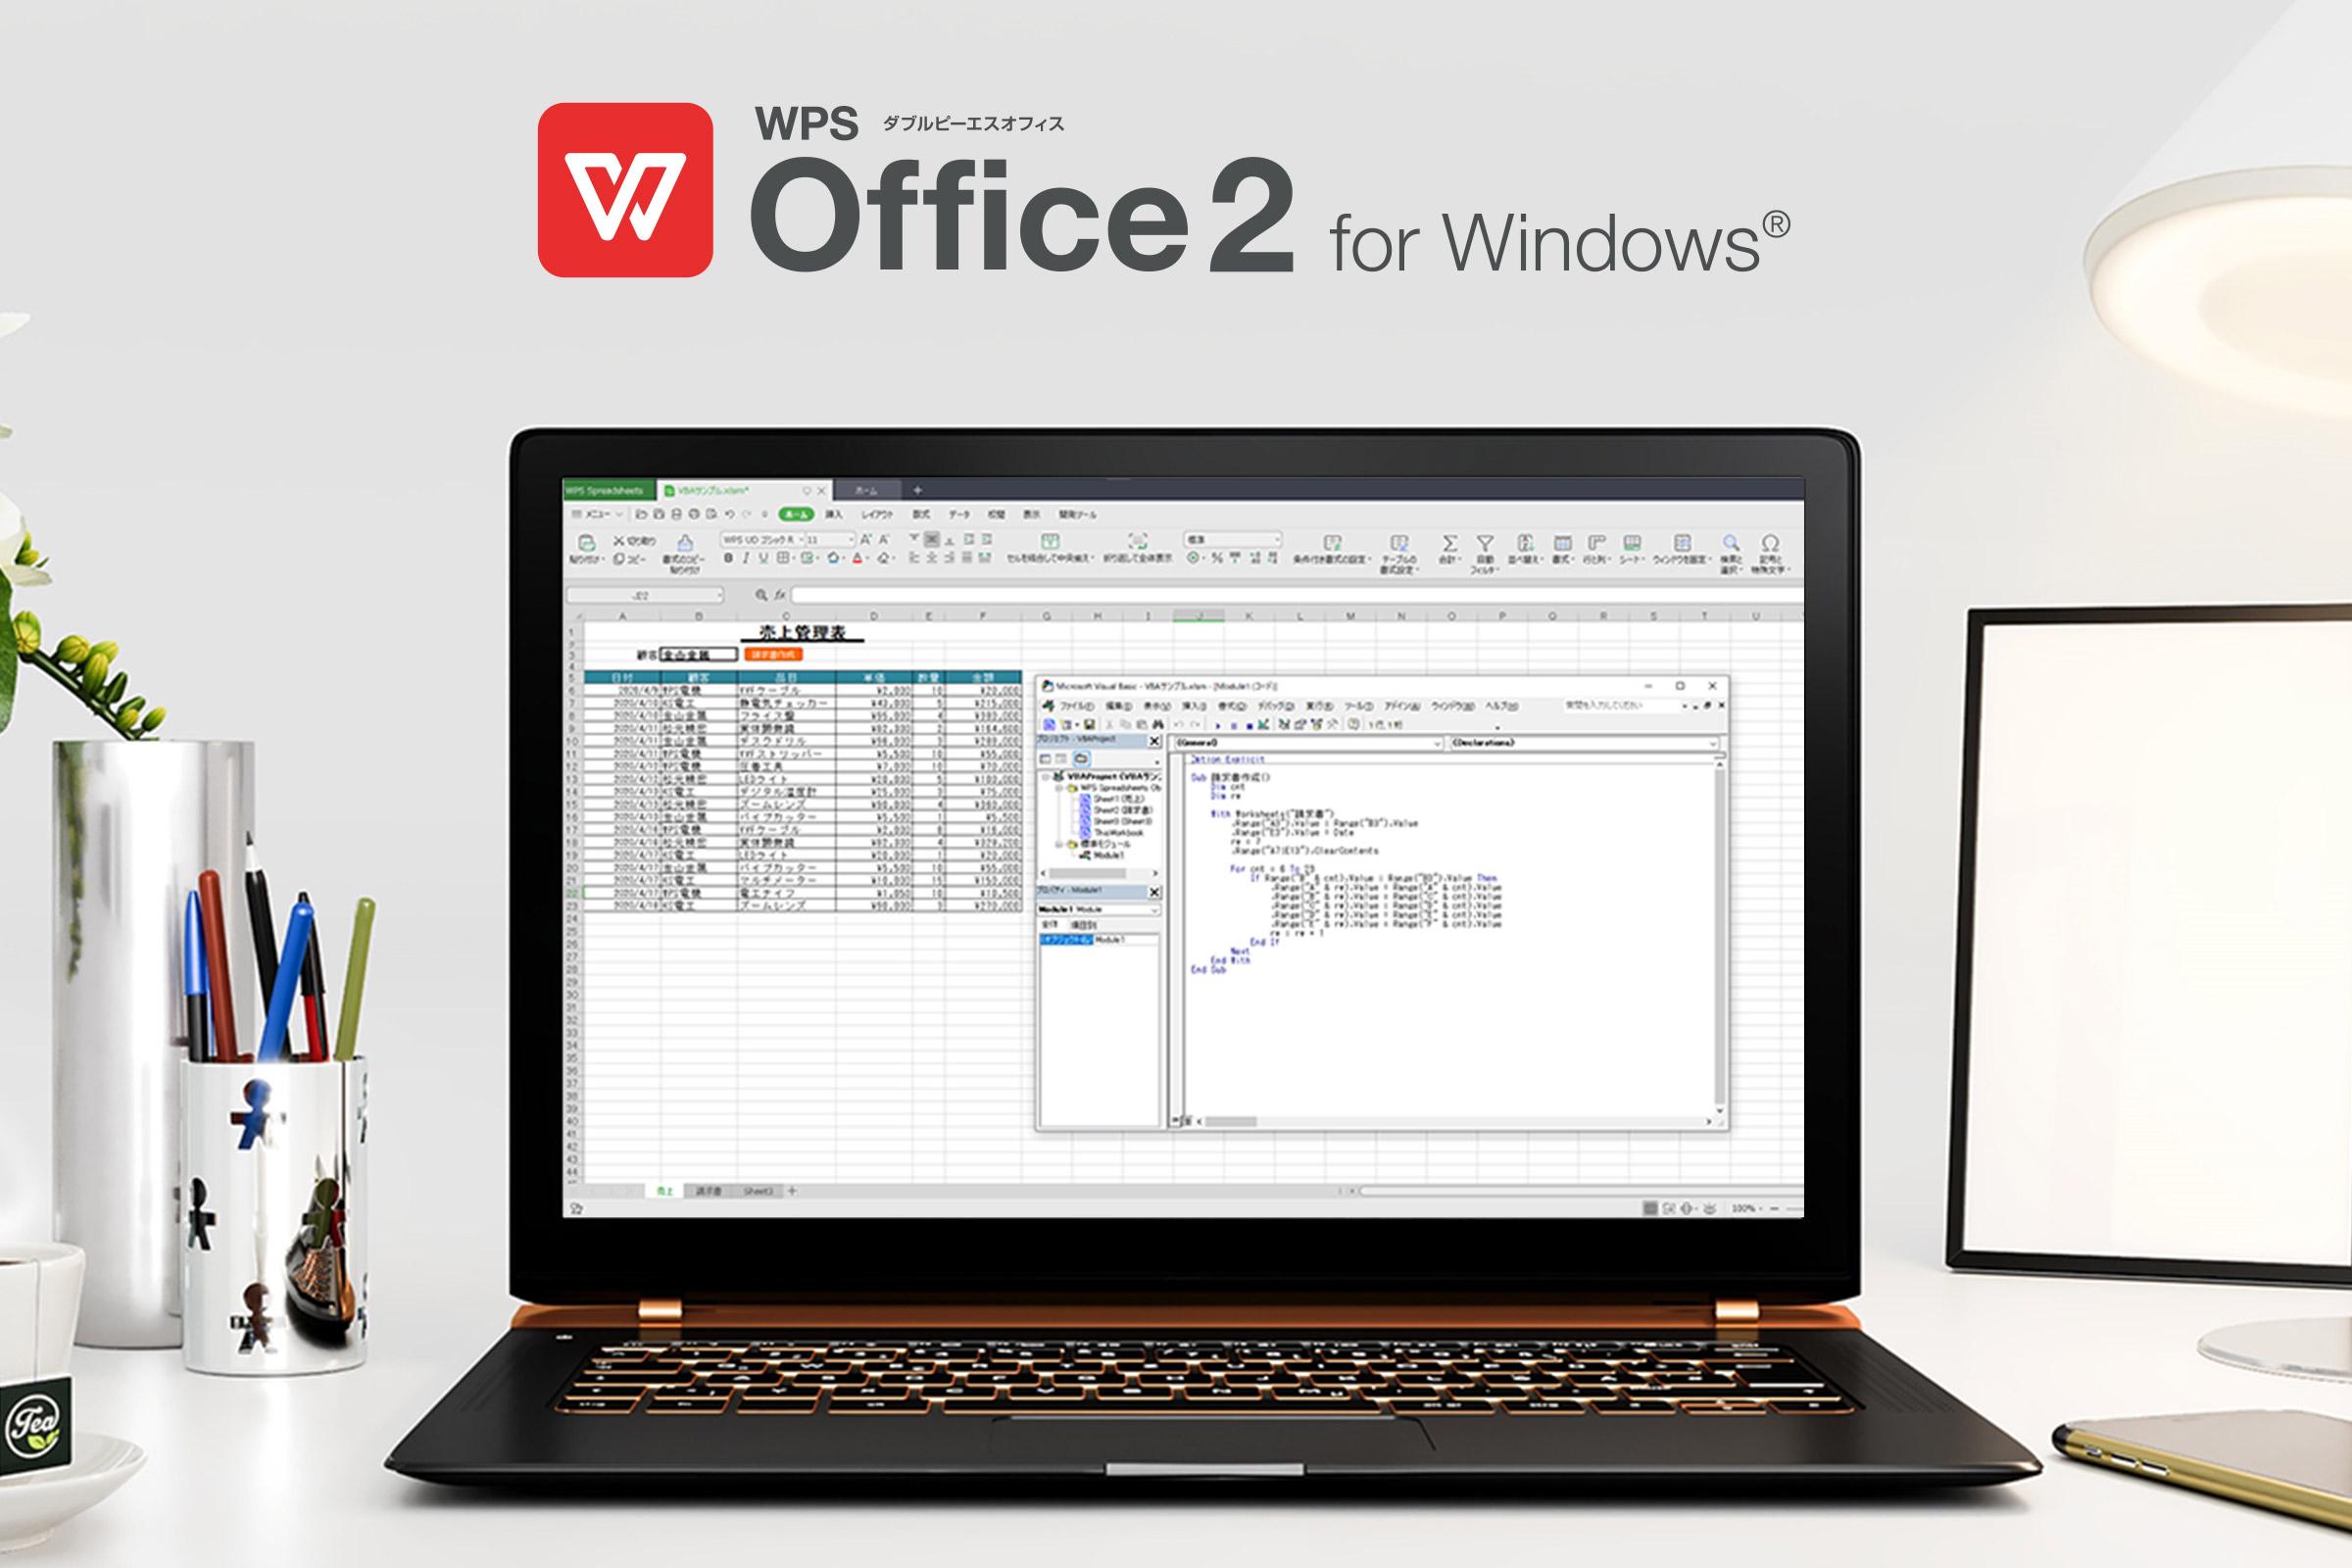 WPS Office 2 for Windows